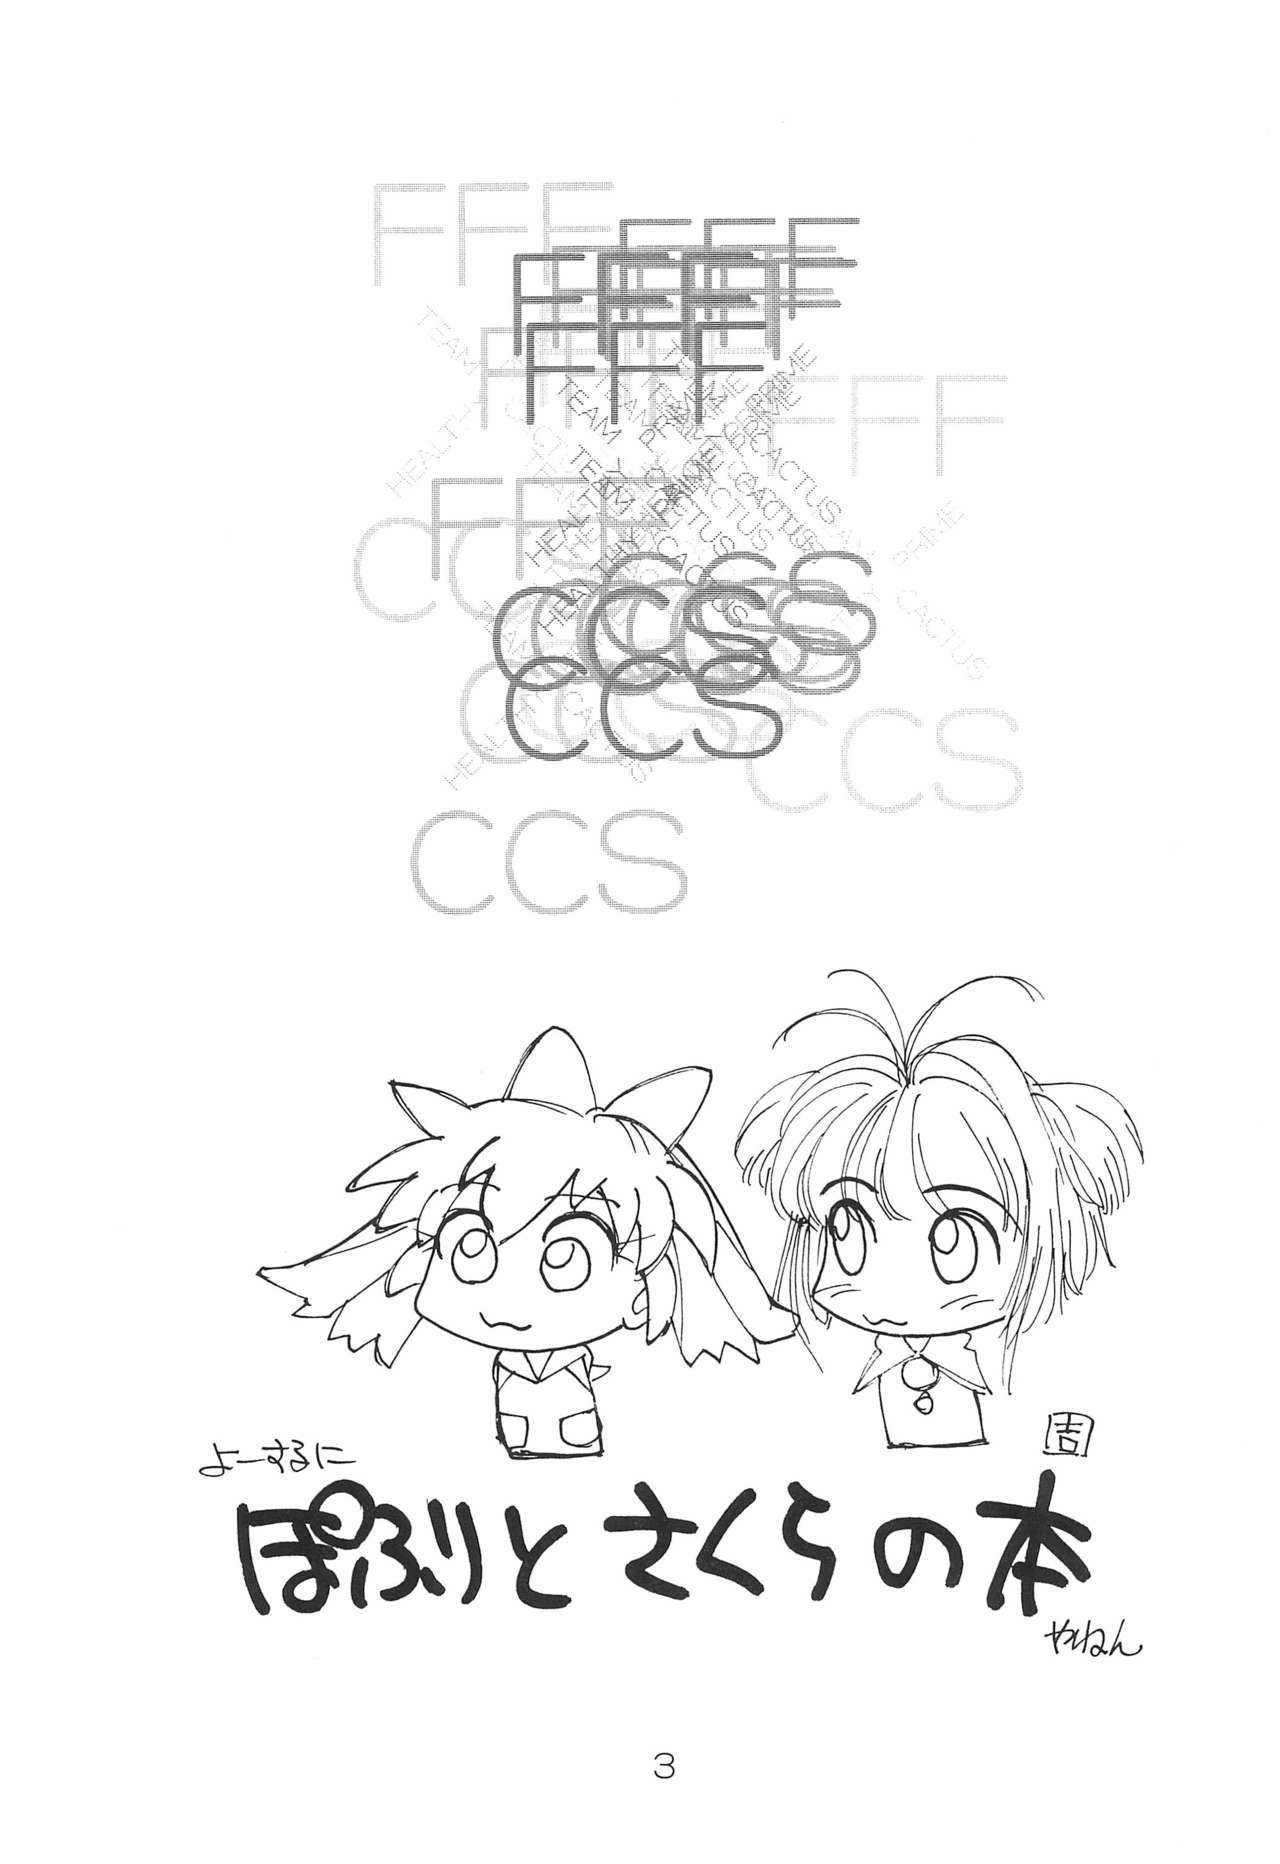 FFF X CCS 2